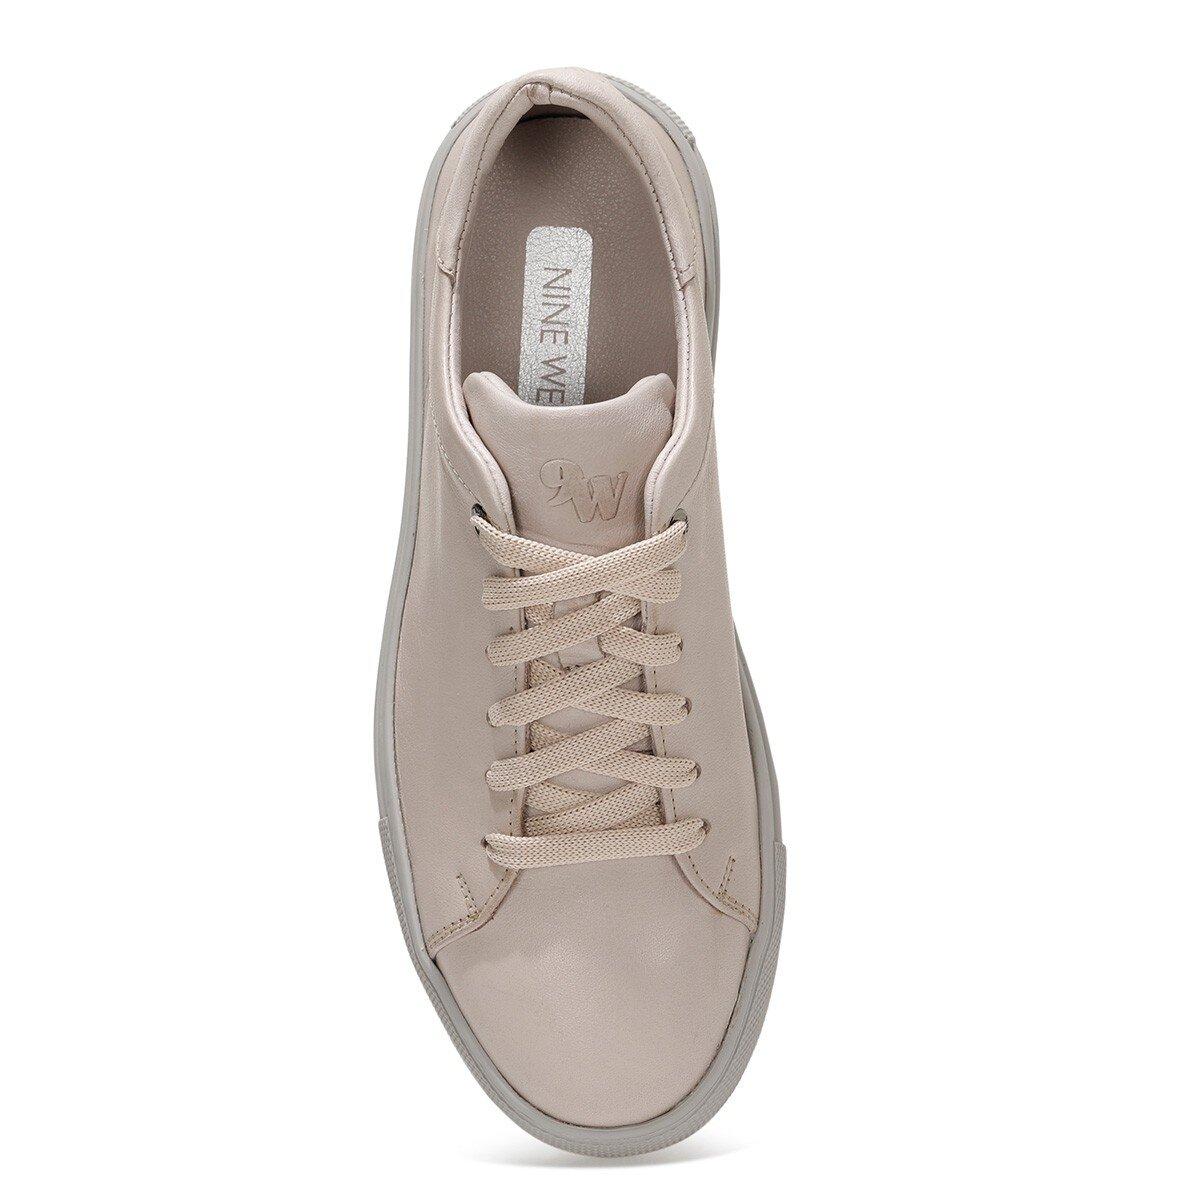 POFEDA 1FX Gri Kadın Havuz Taban Sneaker